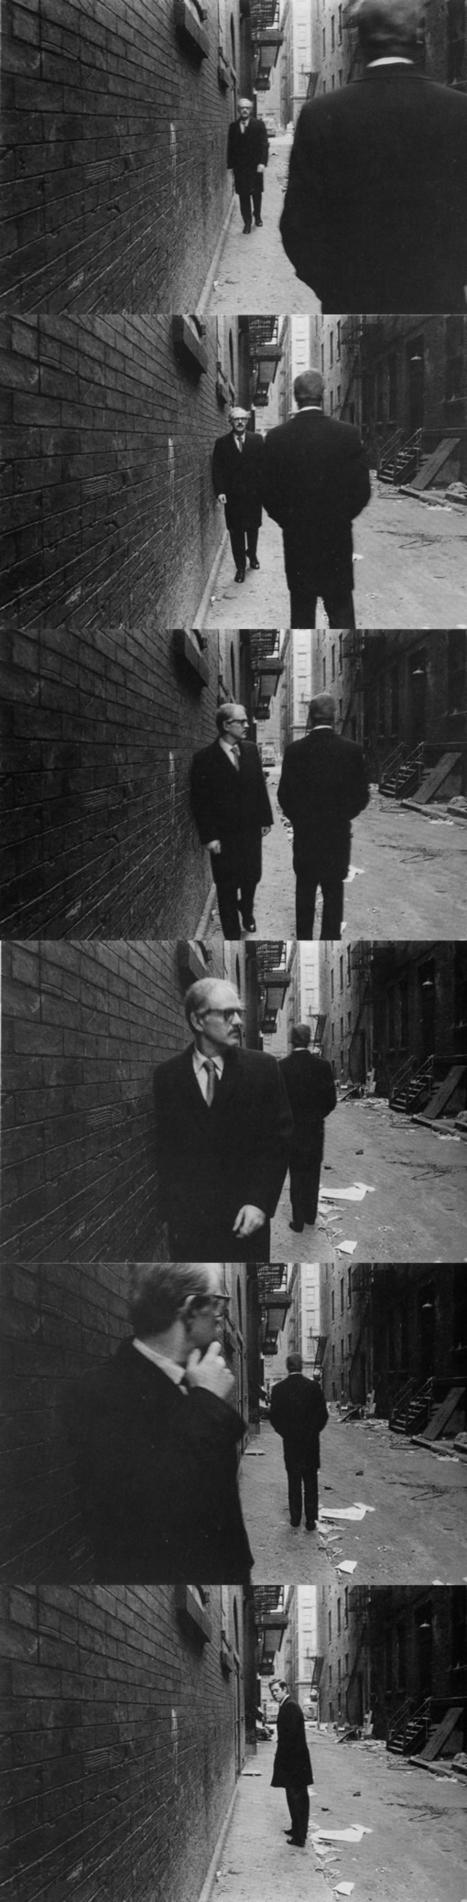 Les séquences photographiques de Duane Michals | Miscellanées | Scoop.it